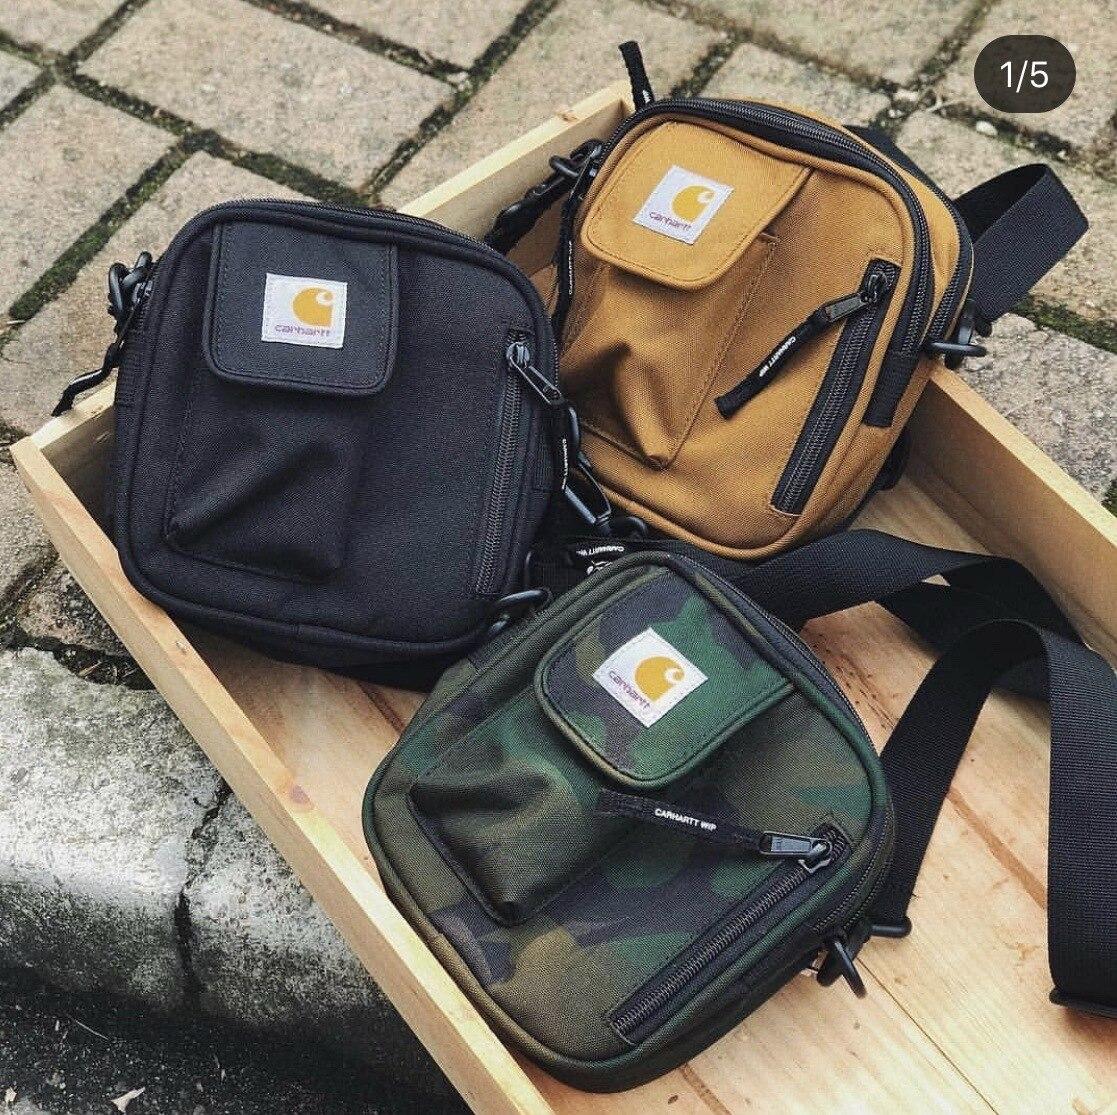 2021 homens e mulheres casual carhartt viagens lazer esportes ao ar livre saco do mensageiro bolsa de ombro bolsa de casal bolsas femininas